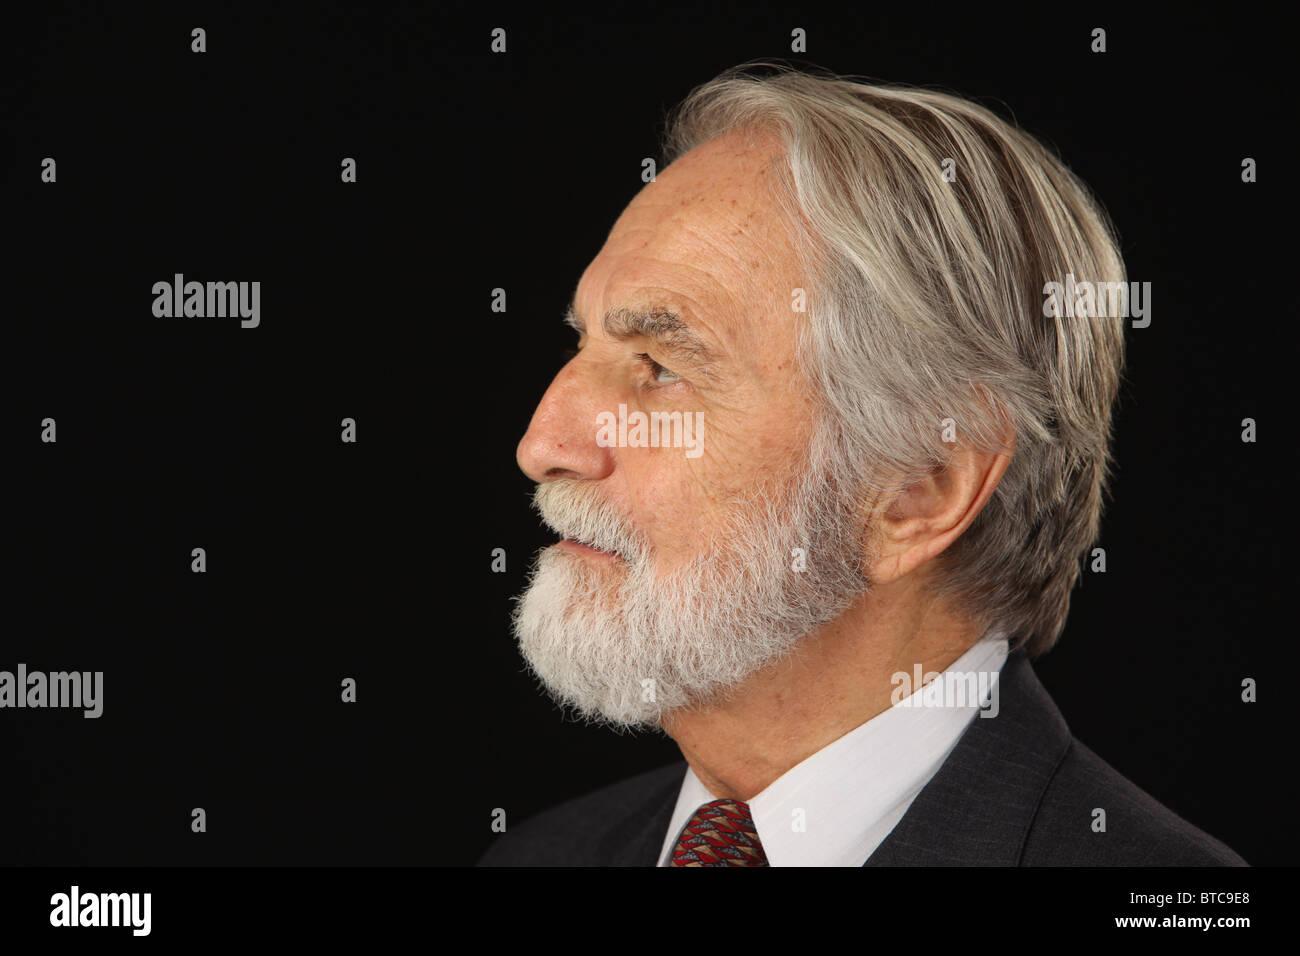 Profilbildnis von bärtigen und grauen Haaren senior Geschäftsmann in Anzug und Krawatte, Studio gedreht, Stockbild